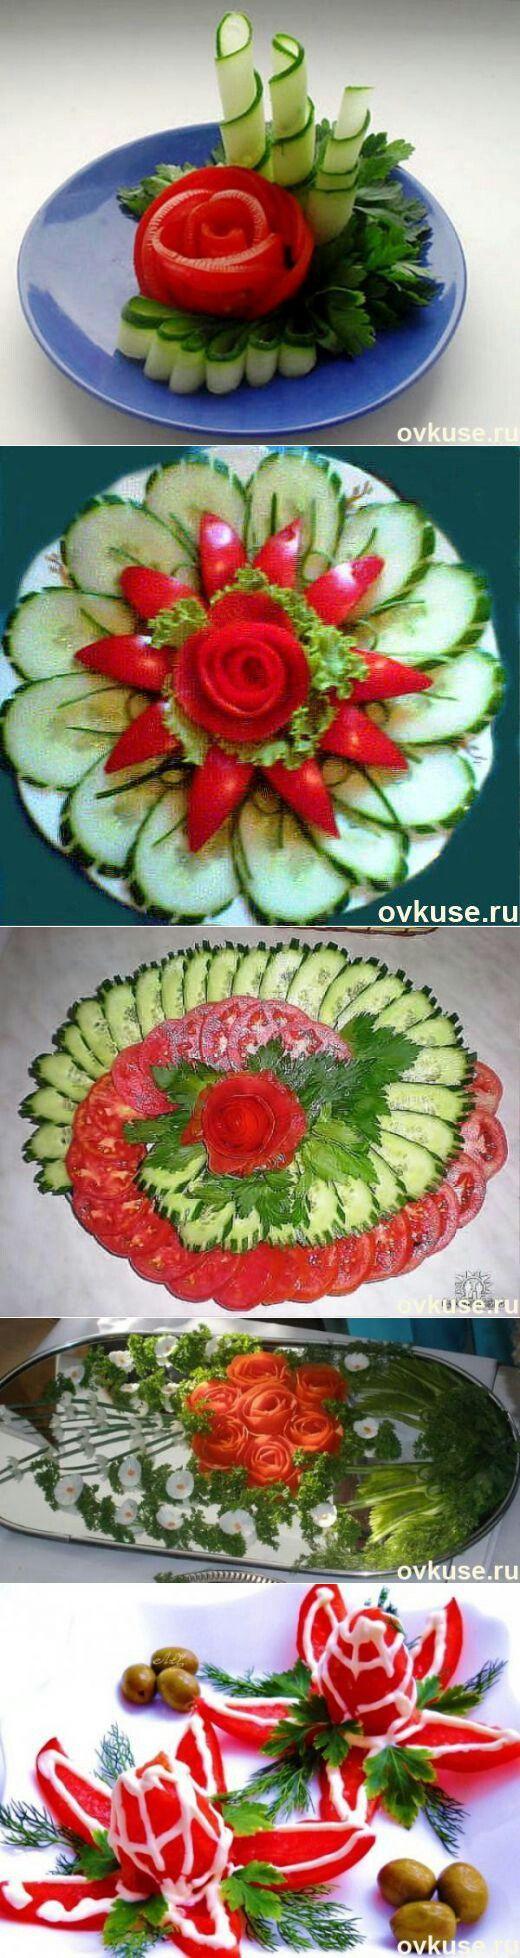 dekorative Gemüseplatte